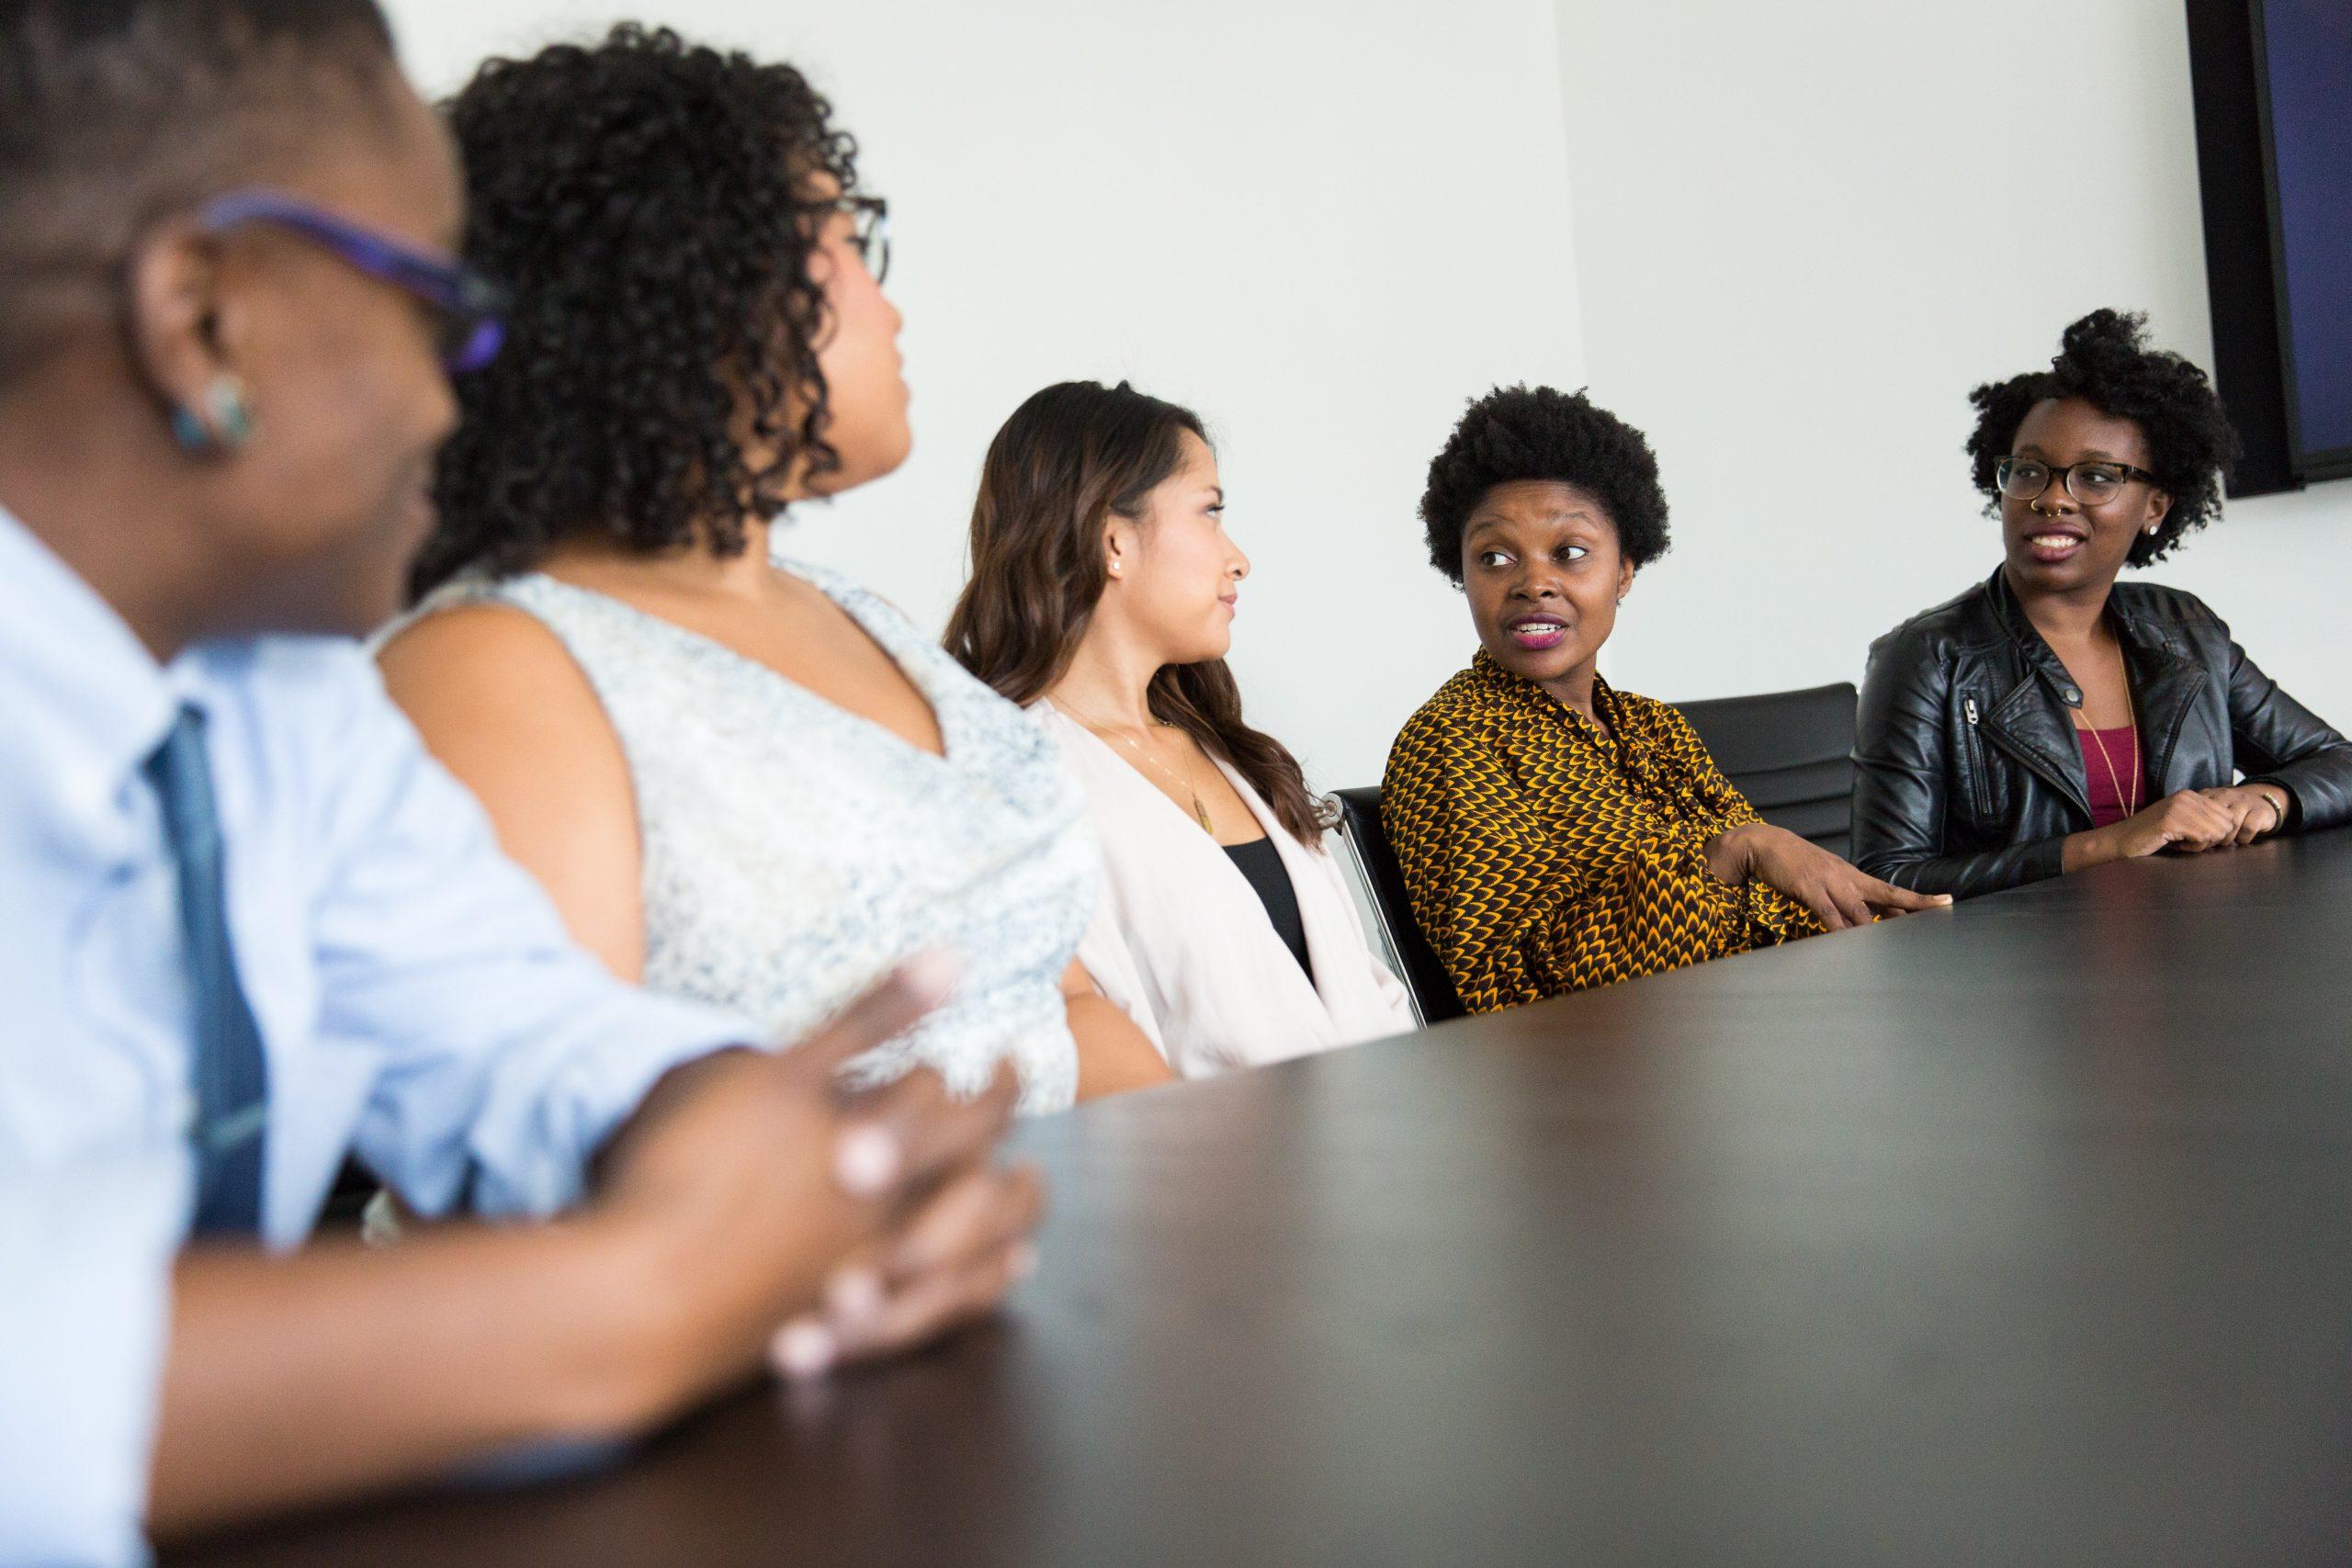 Gestione del personale in azienda: cos'è e perchè è importante